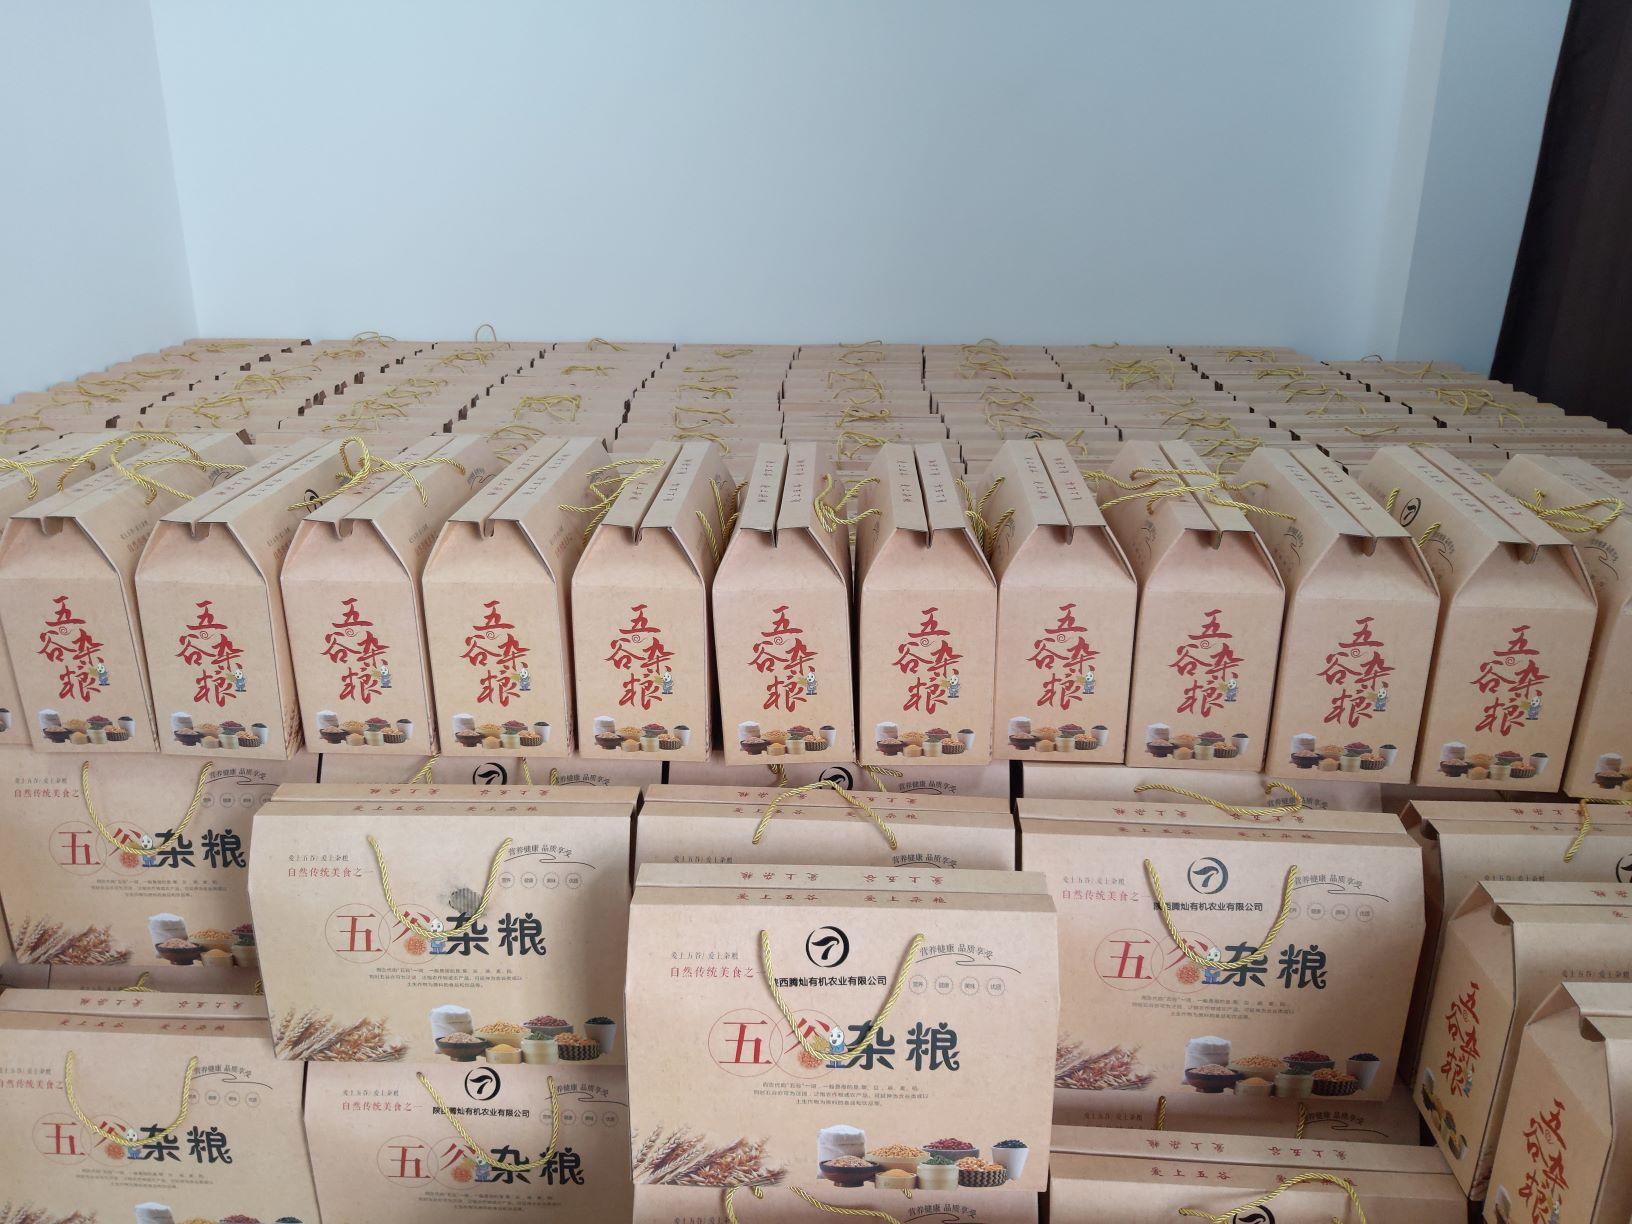 陕西滕灿有机农业有限公司--五谷杂粮